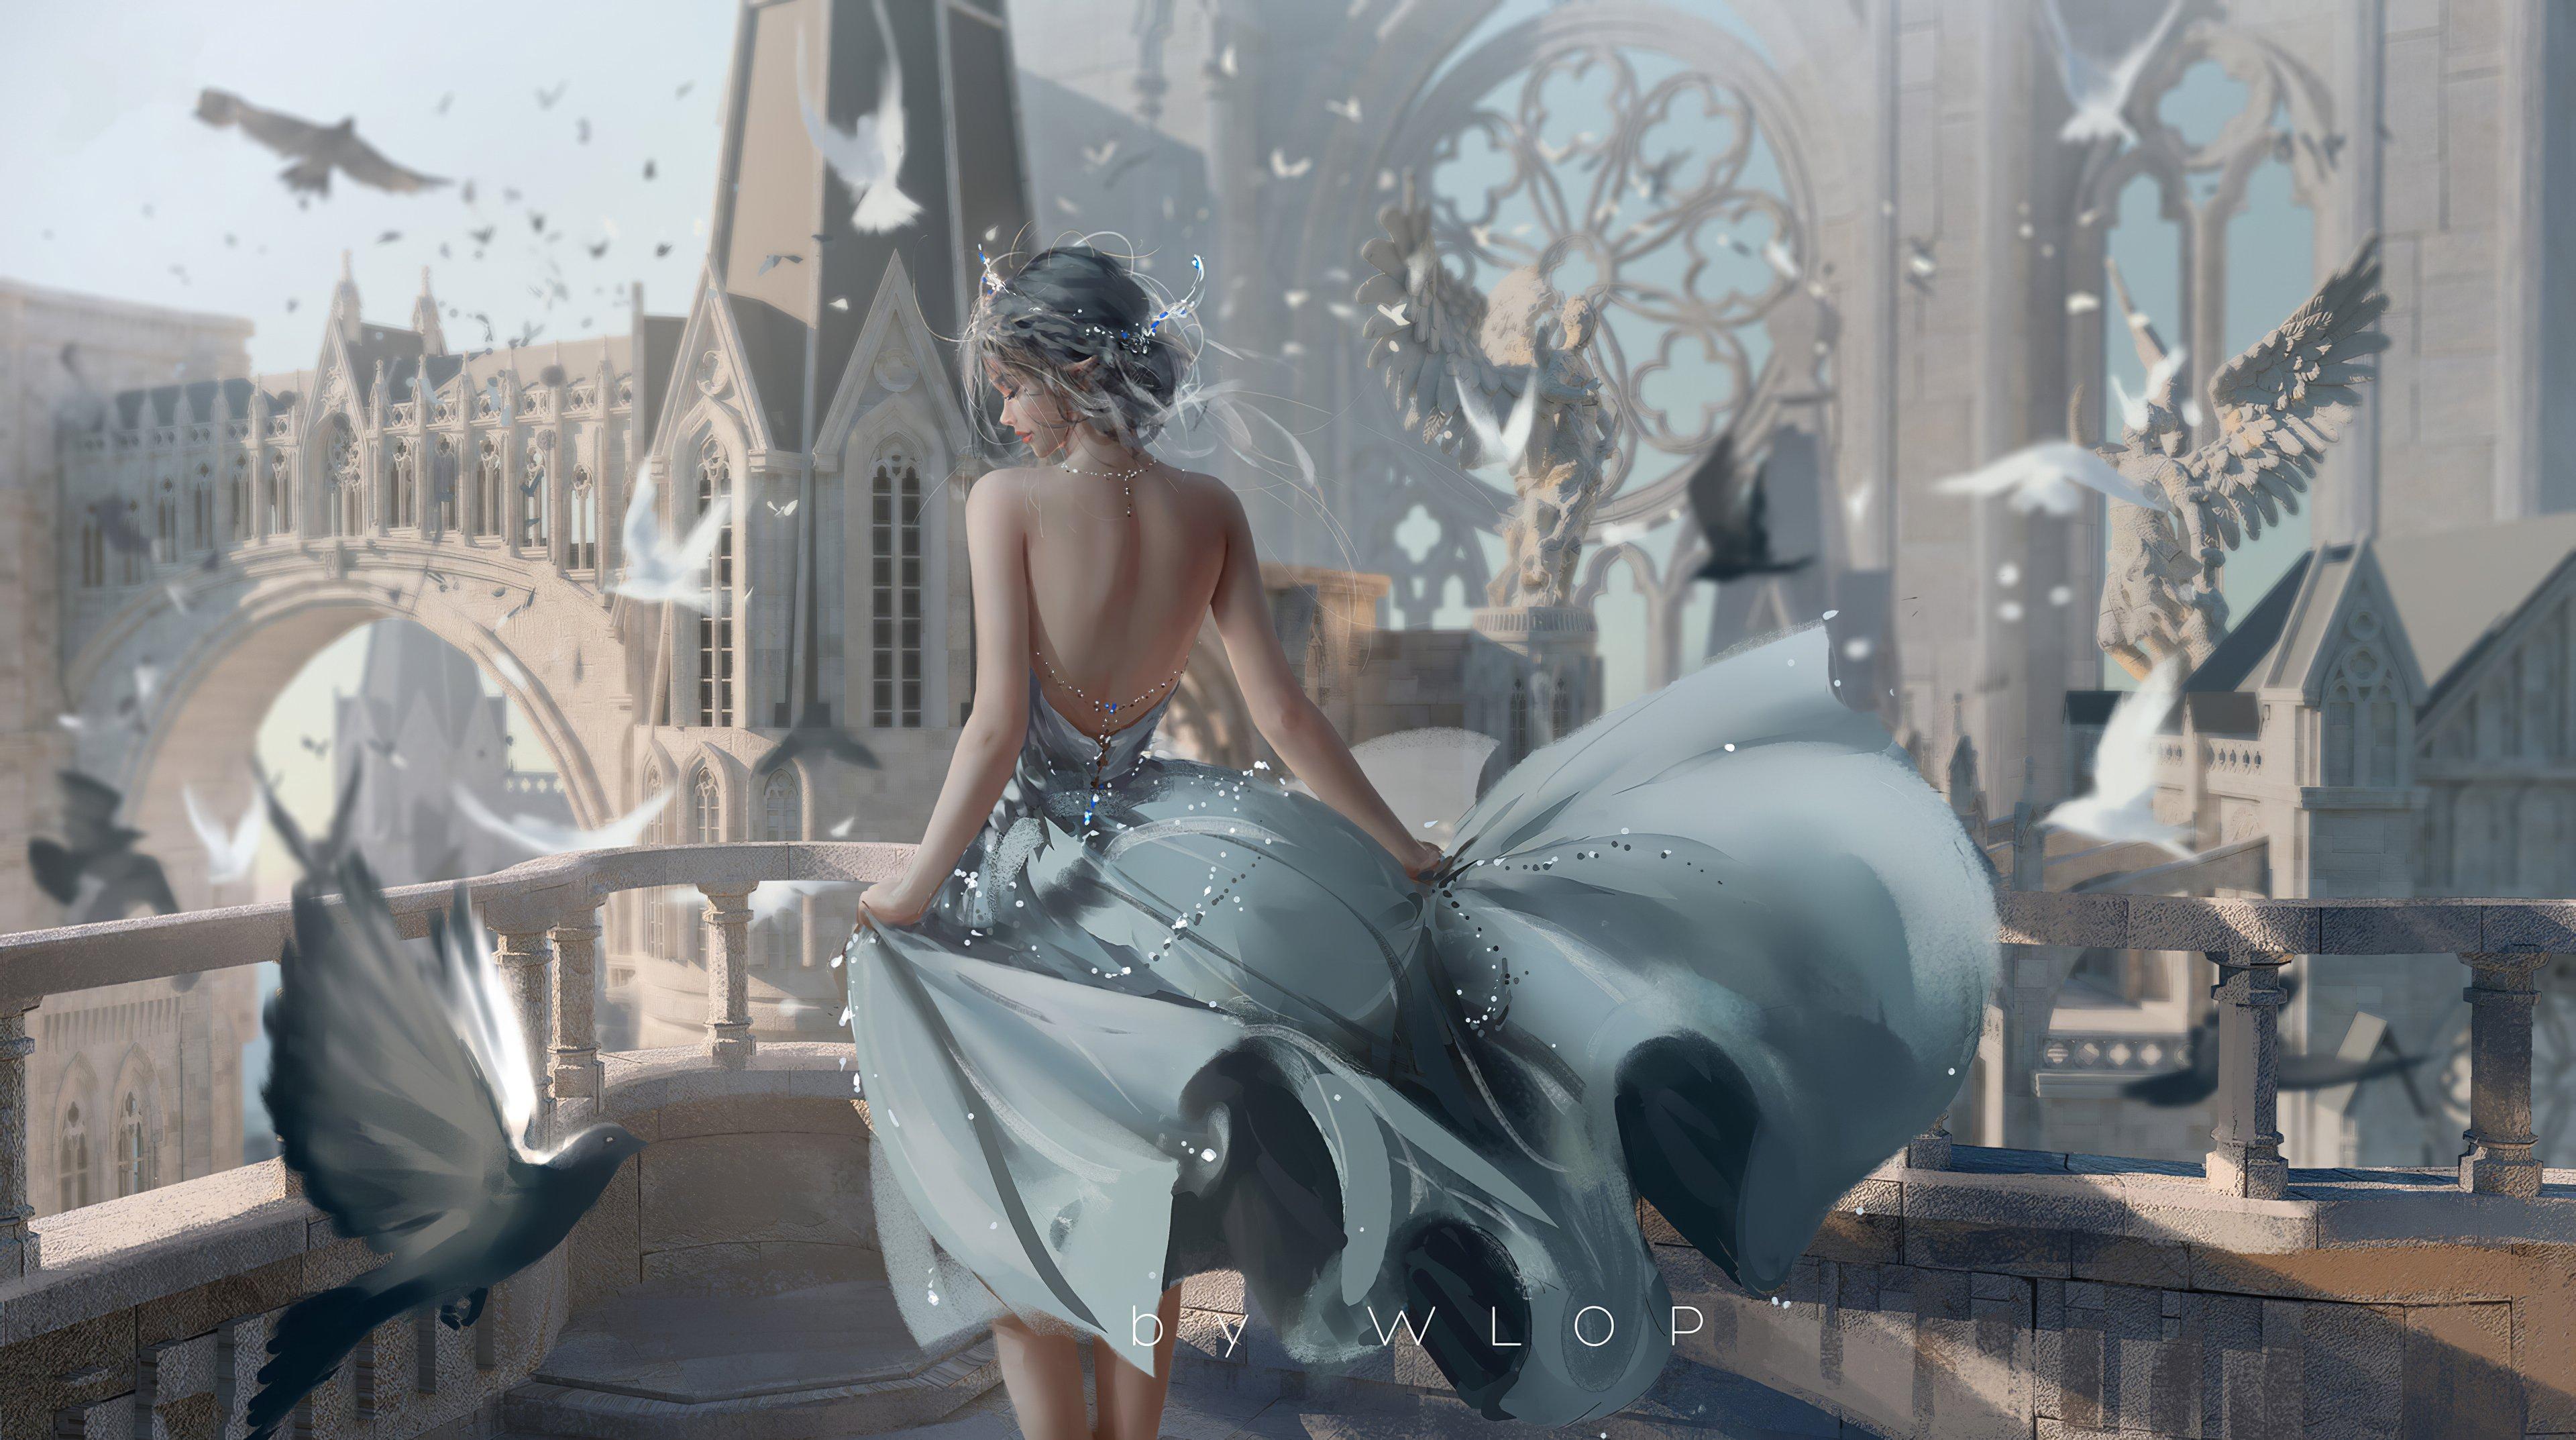 Fondos de pantalla Reina blanca en castillo